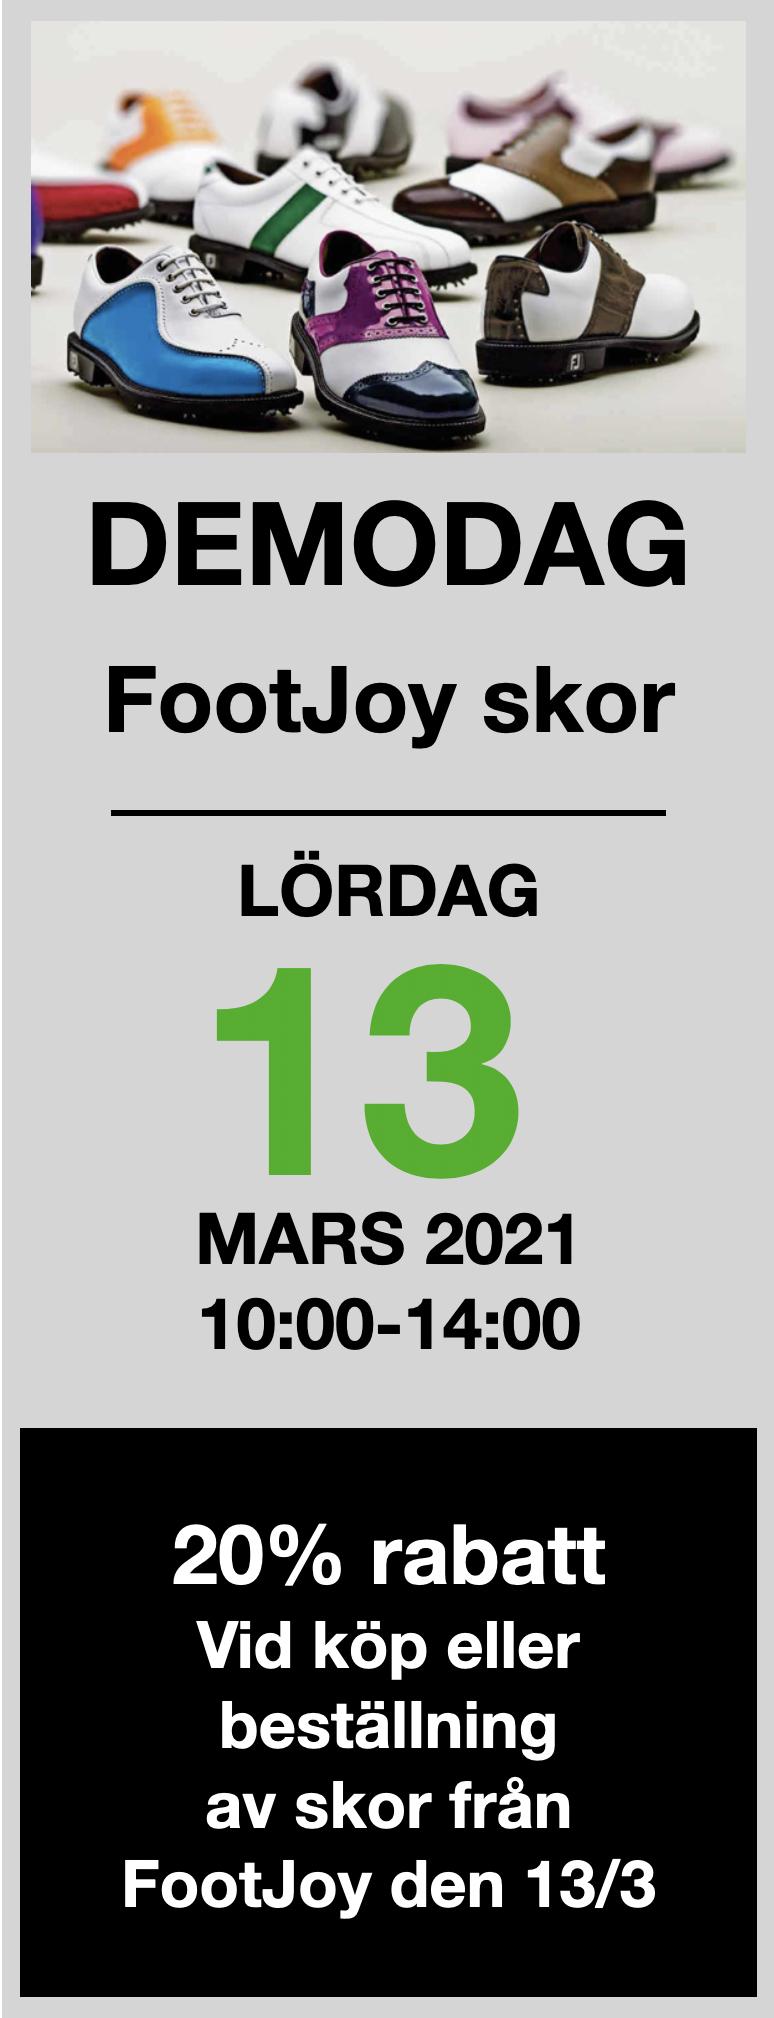 Bild som visar utprovning av skor från FootJoy till 20 procent rabatt.